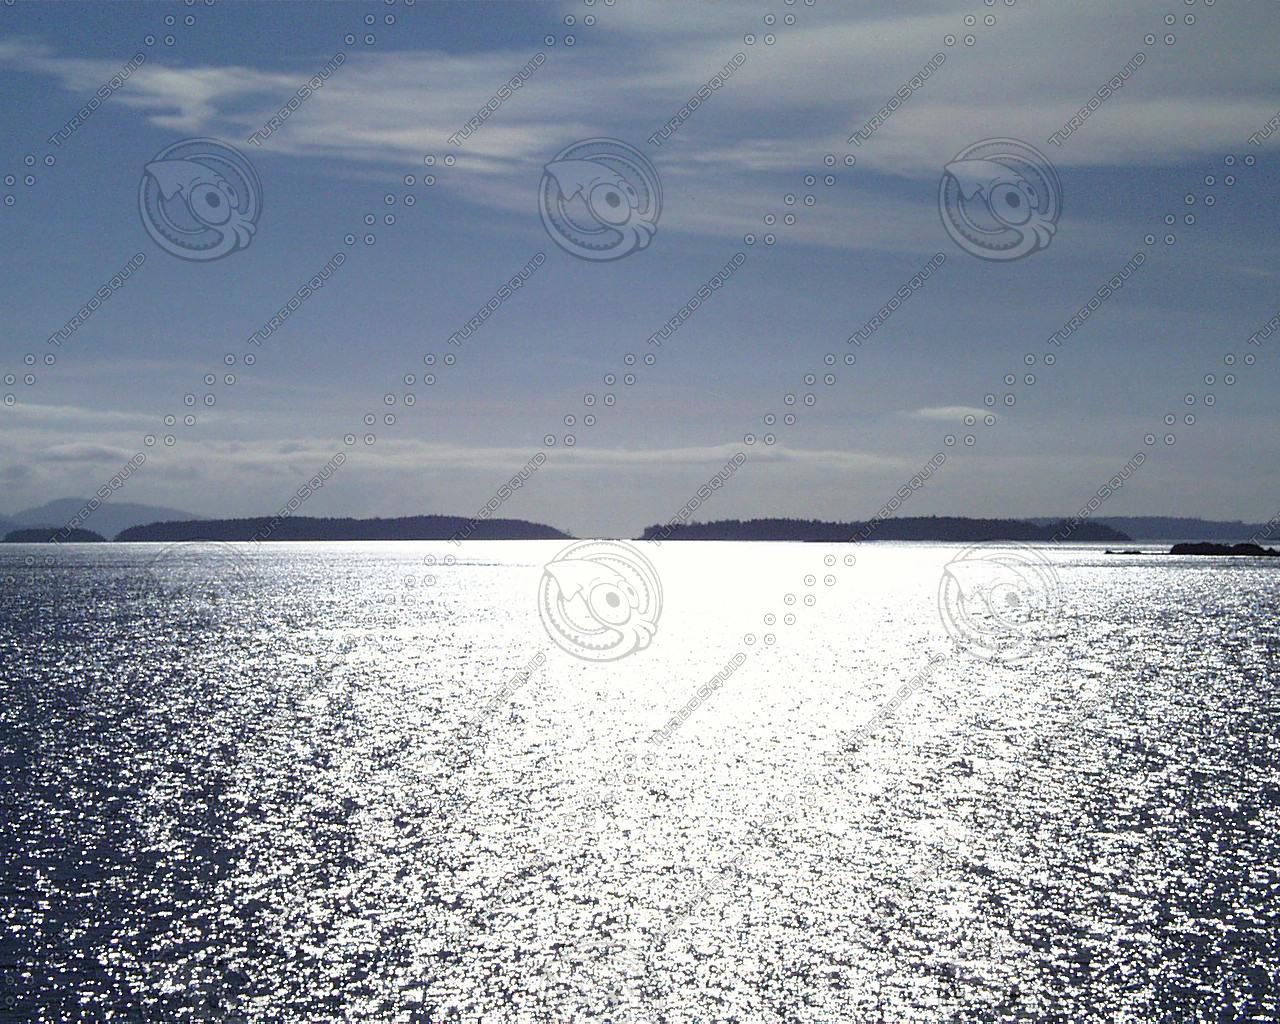 water040.jpg